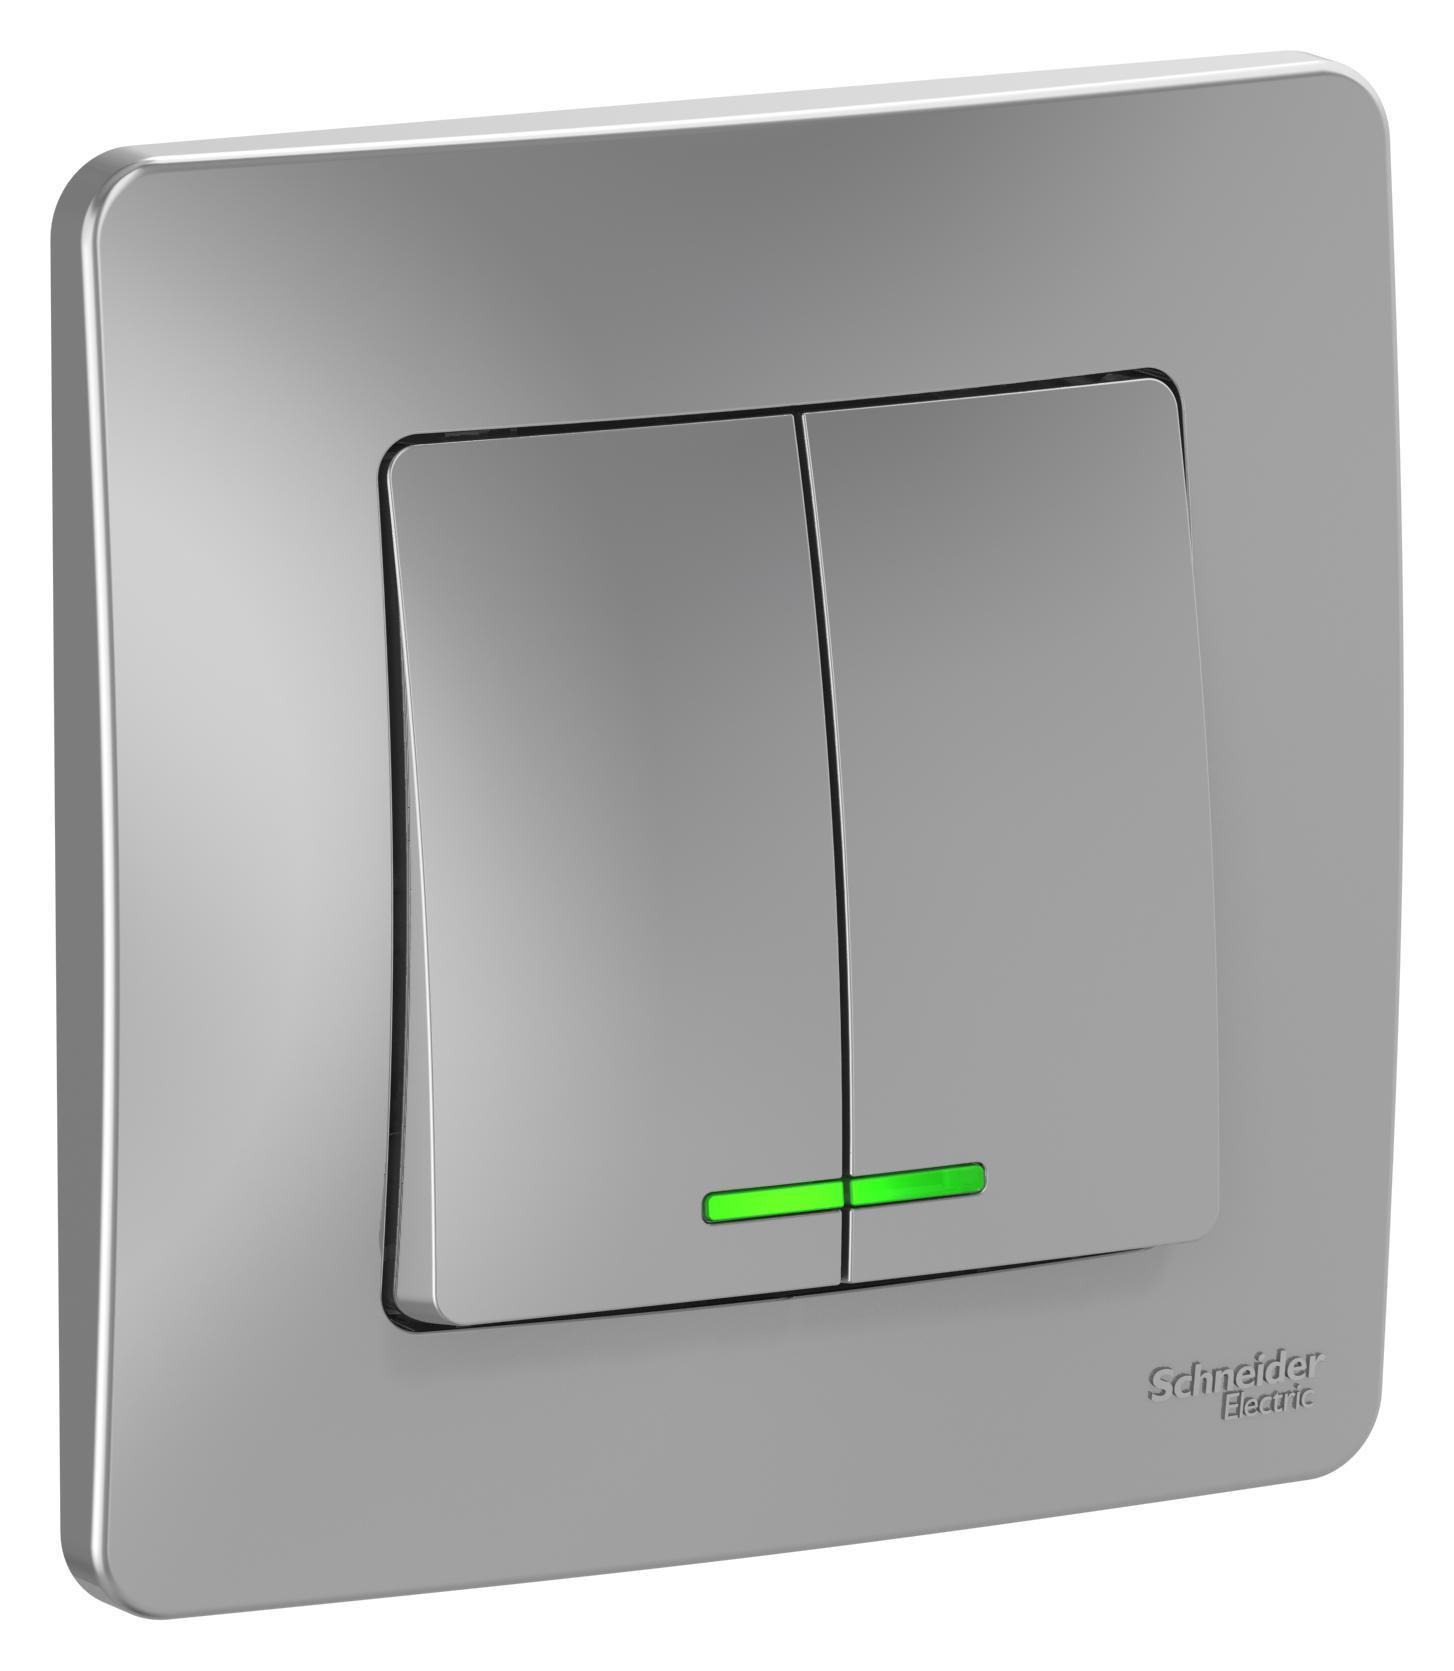 Выключатель Schneider electric Blnvs010513 blanca выключатель schneider electric blnva101013 blanca